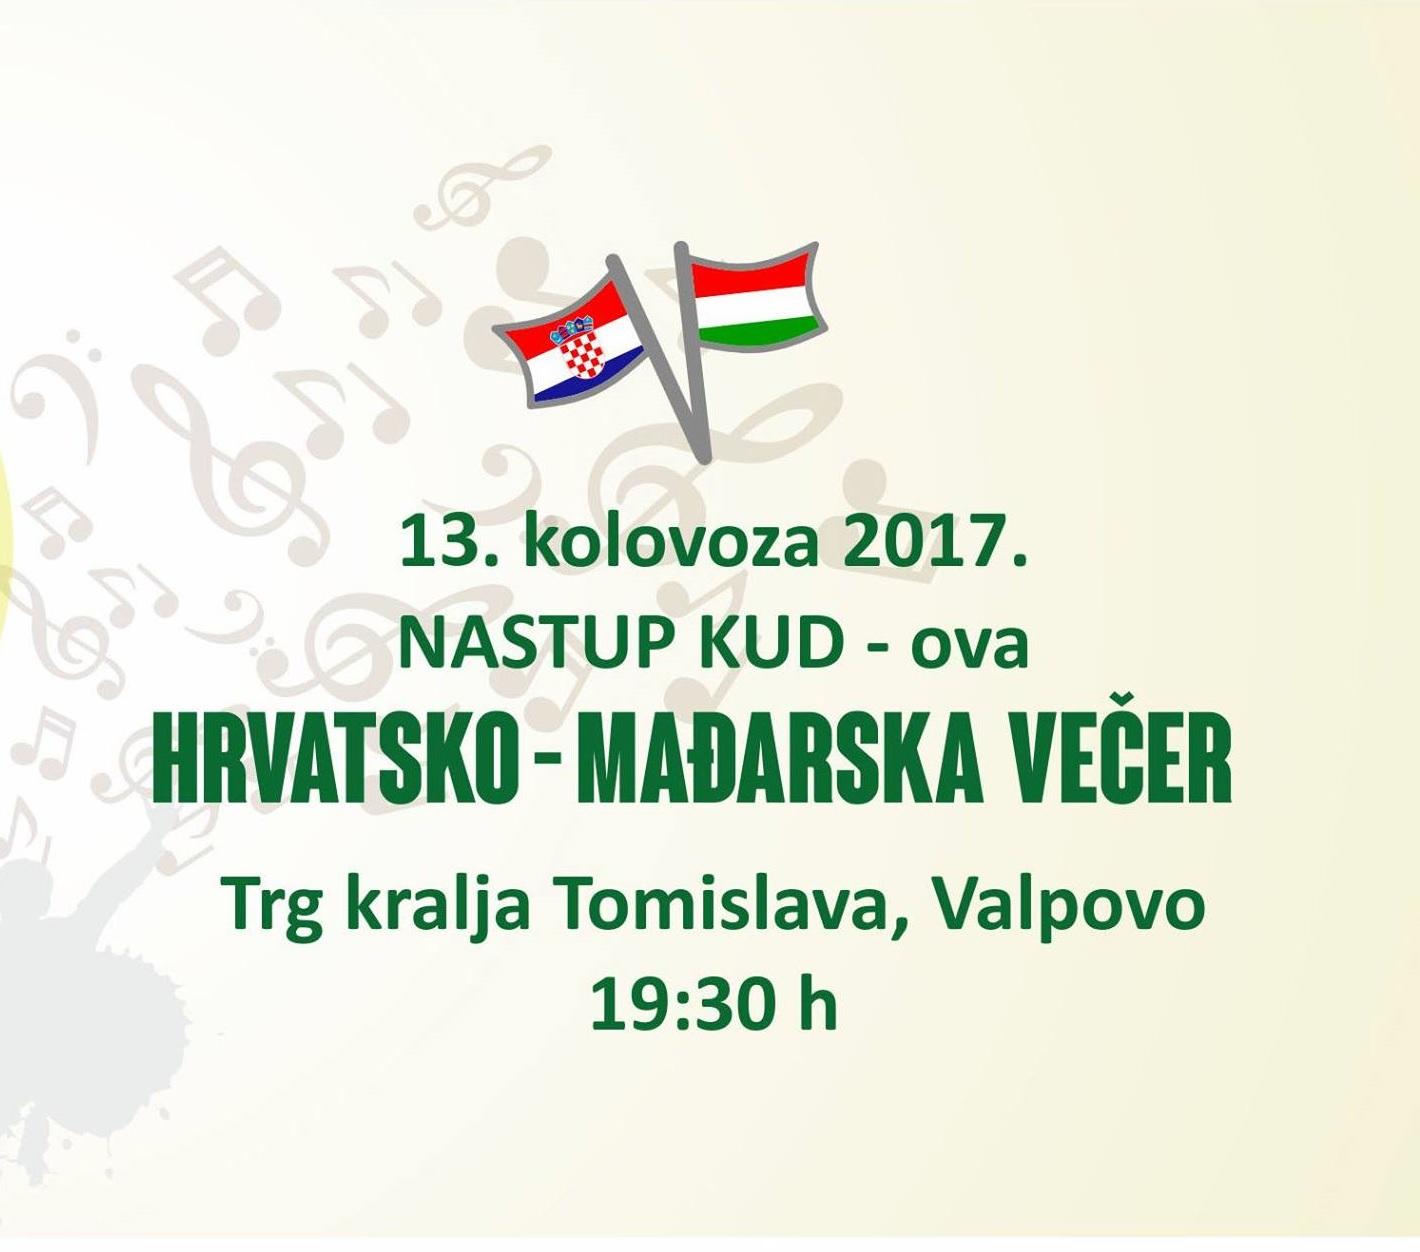 Hrvatsko-mađarska večer (Nastup KUDova)